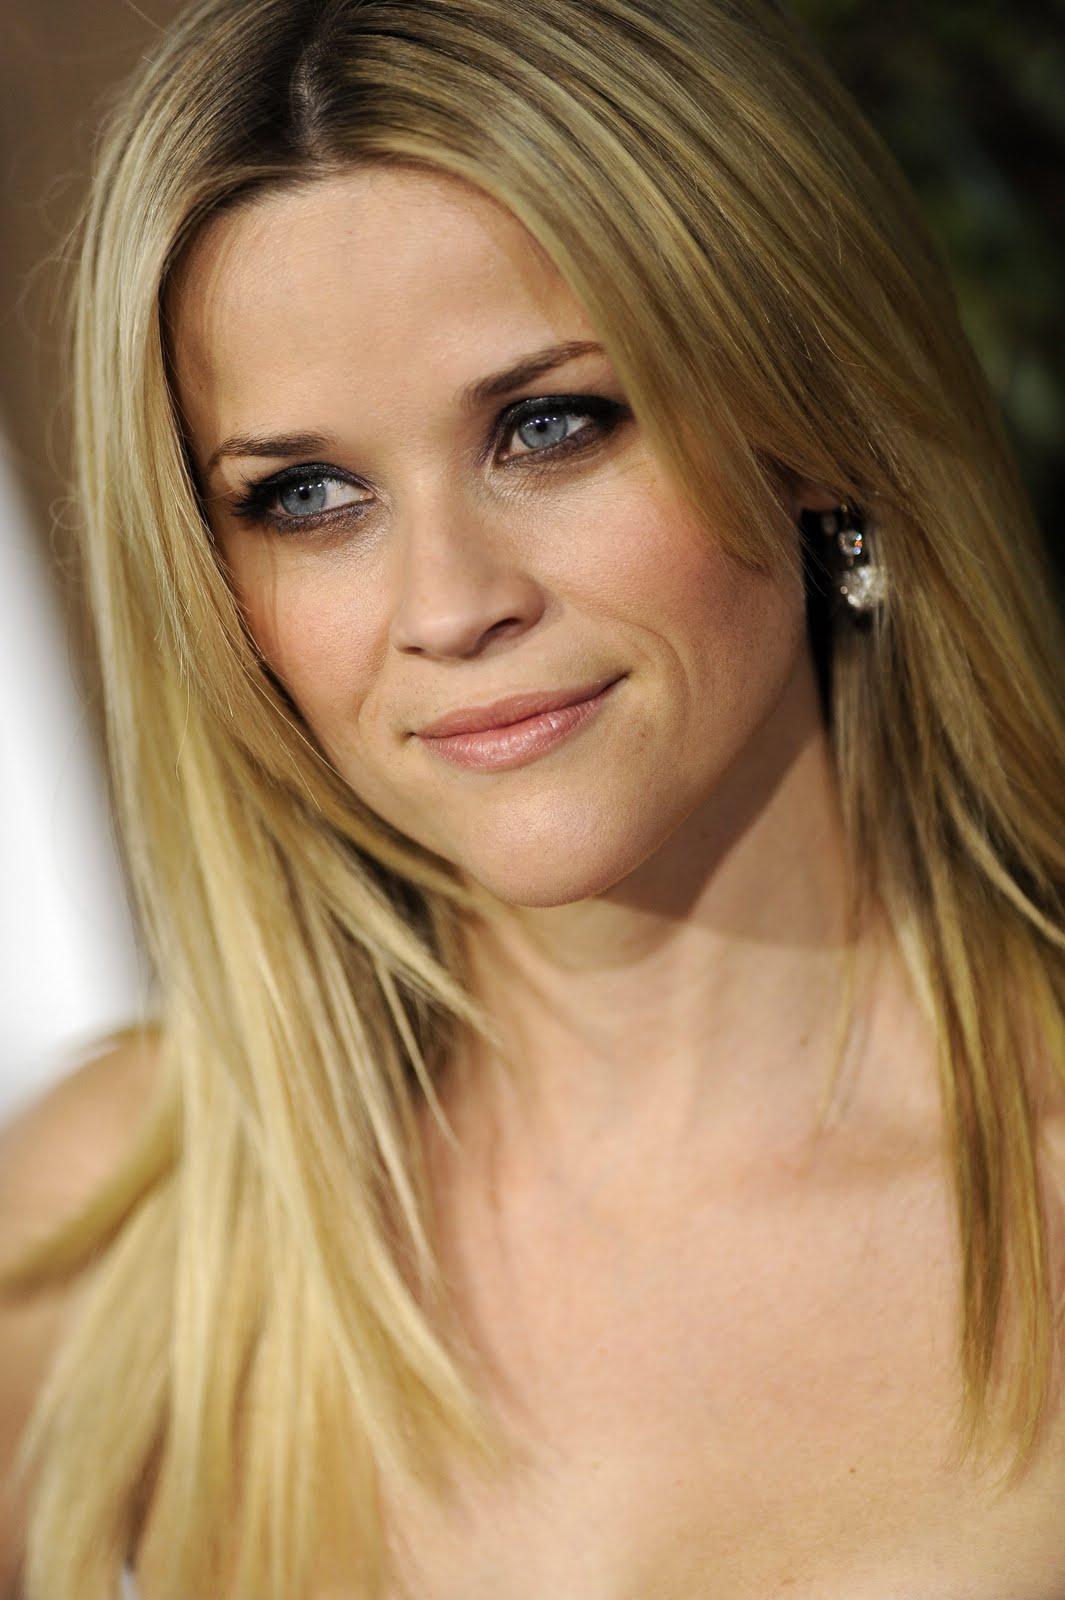 http://4.bp.blogspot.com/_R5WS6_kmmTI/TQfjMDKWICI/AAAAAAAA50k/4CYF3192ap8/s1600/11632_Reese_Witherspoon_HowDoYouKnow_Premiere_J0001_Dec13_010_122_107lo.jpg